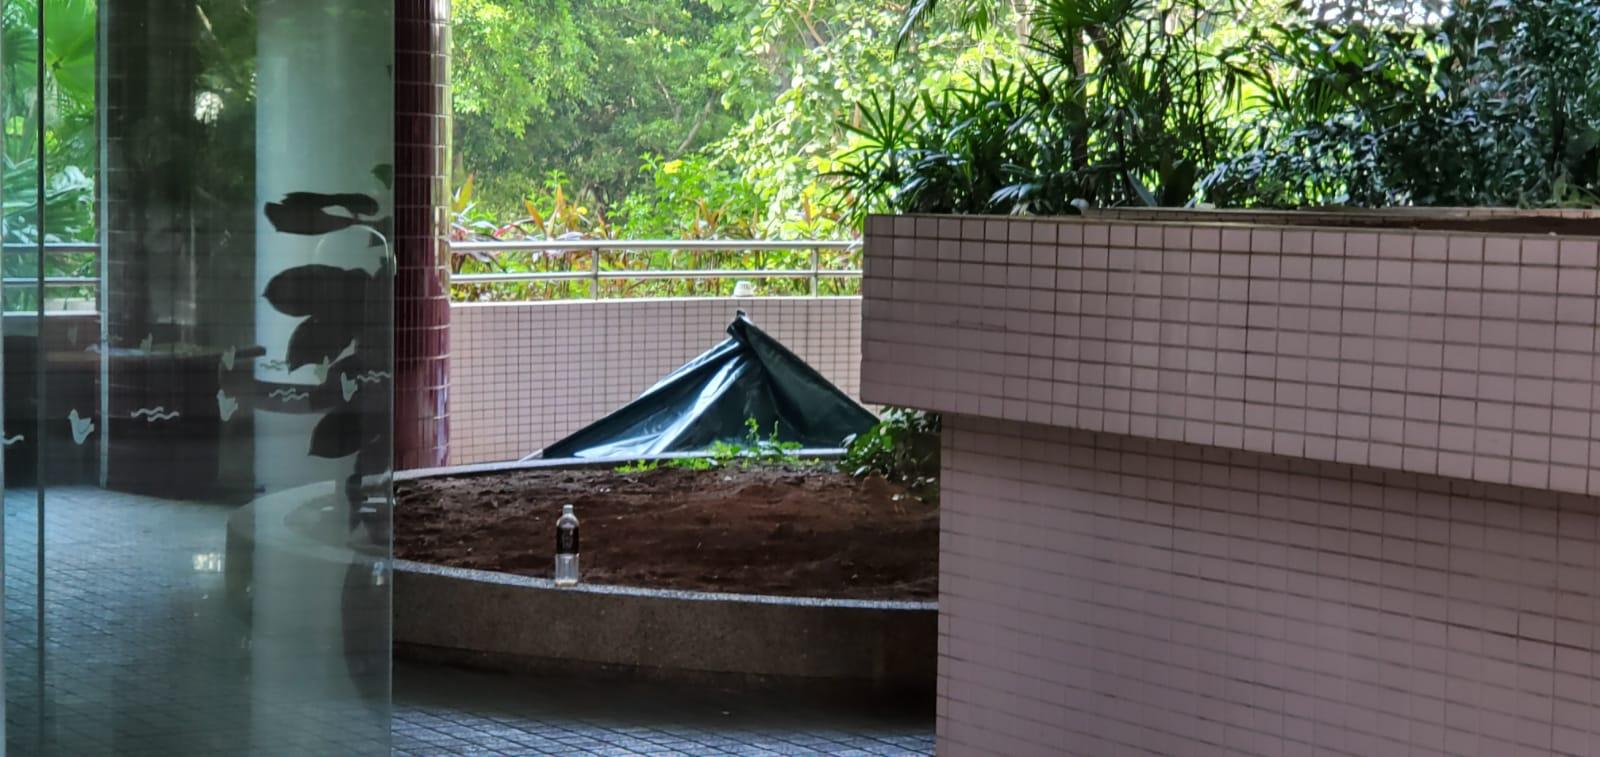 警員以帳篷遮蓋死者遺體。 楊偉亨攝